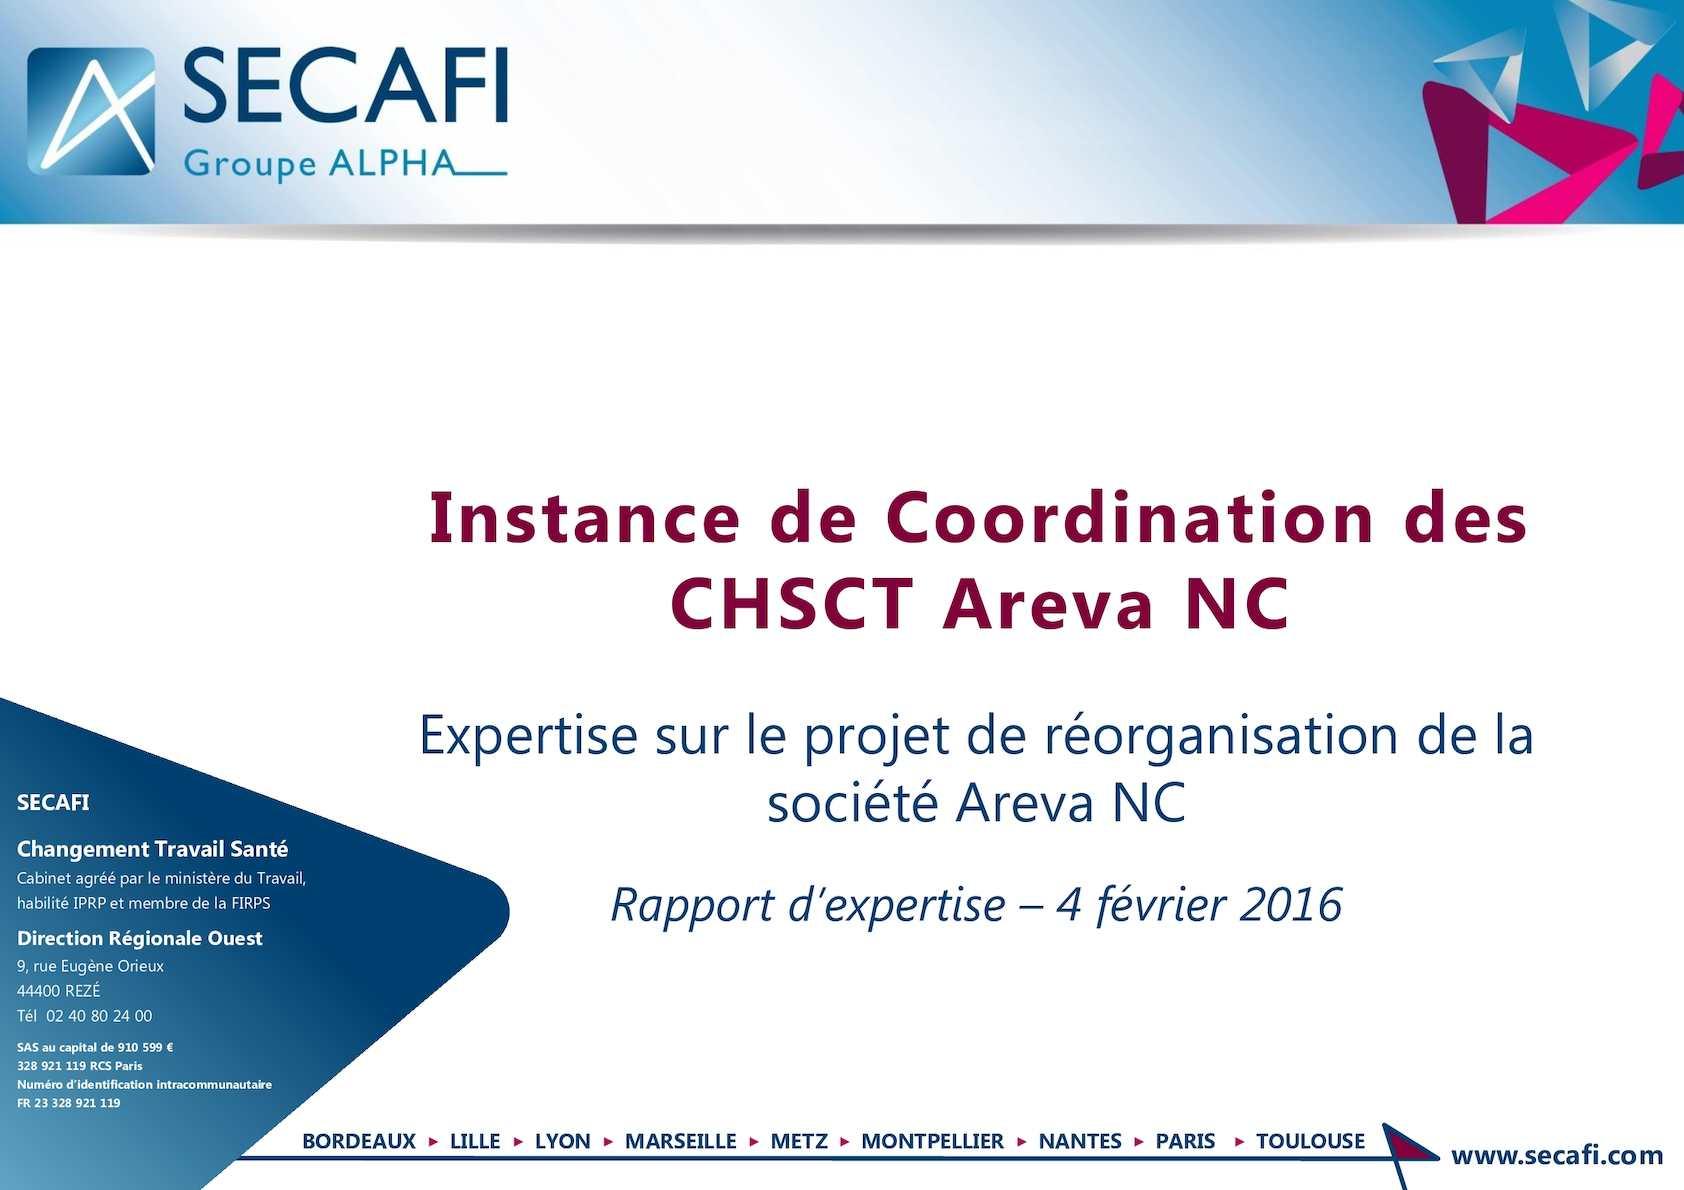 Expertise sur le projet de réorganisation de la société Areva NC